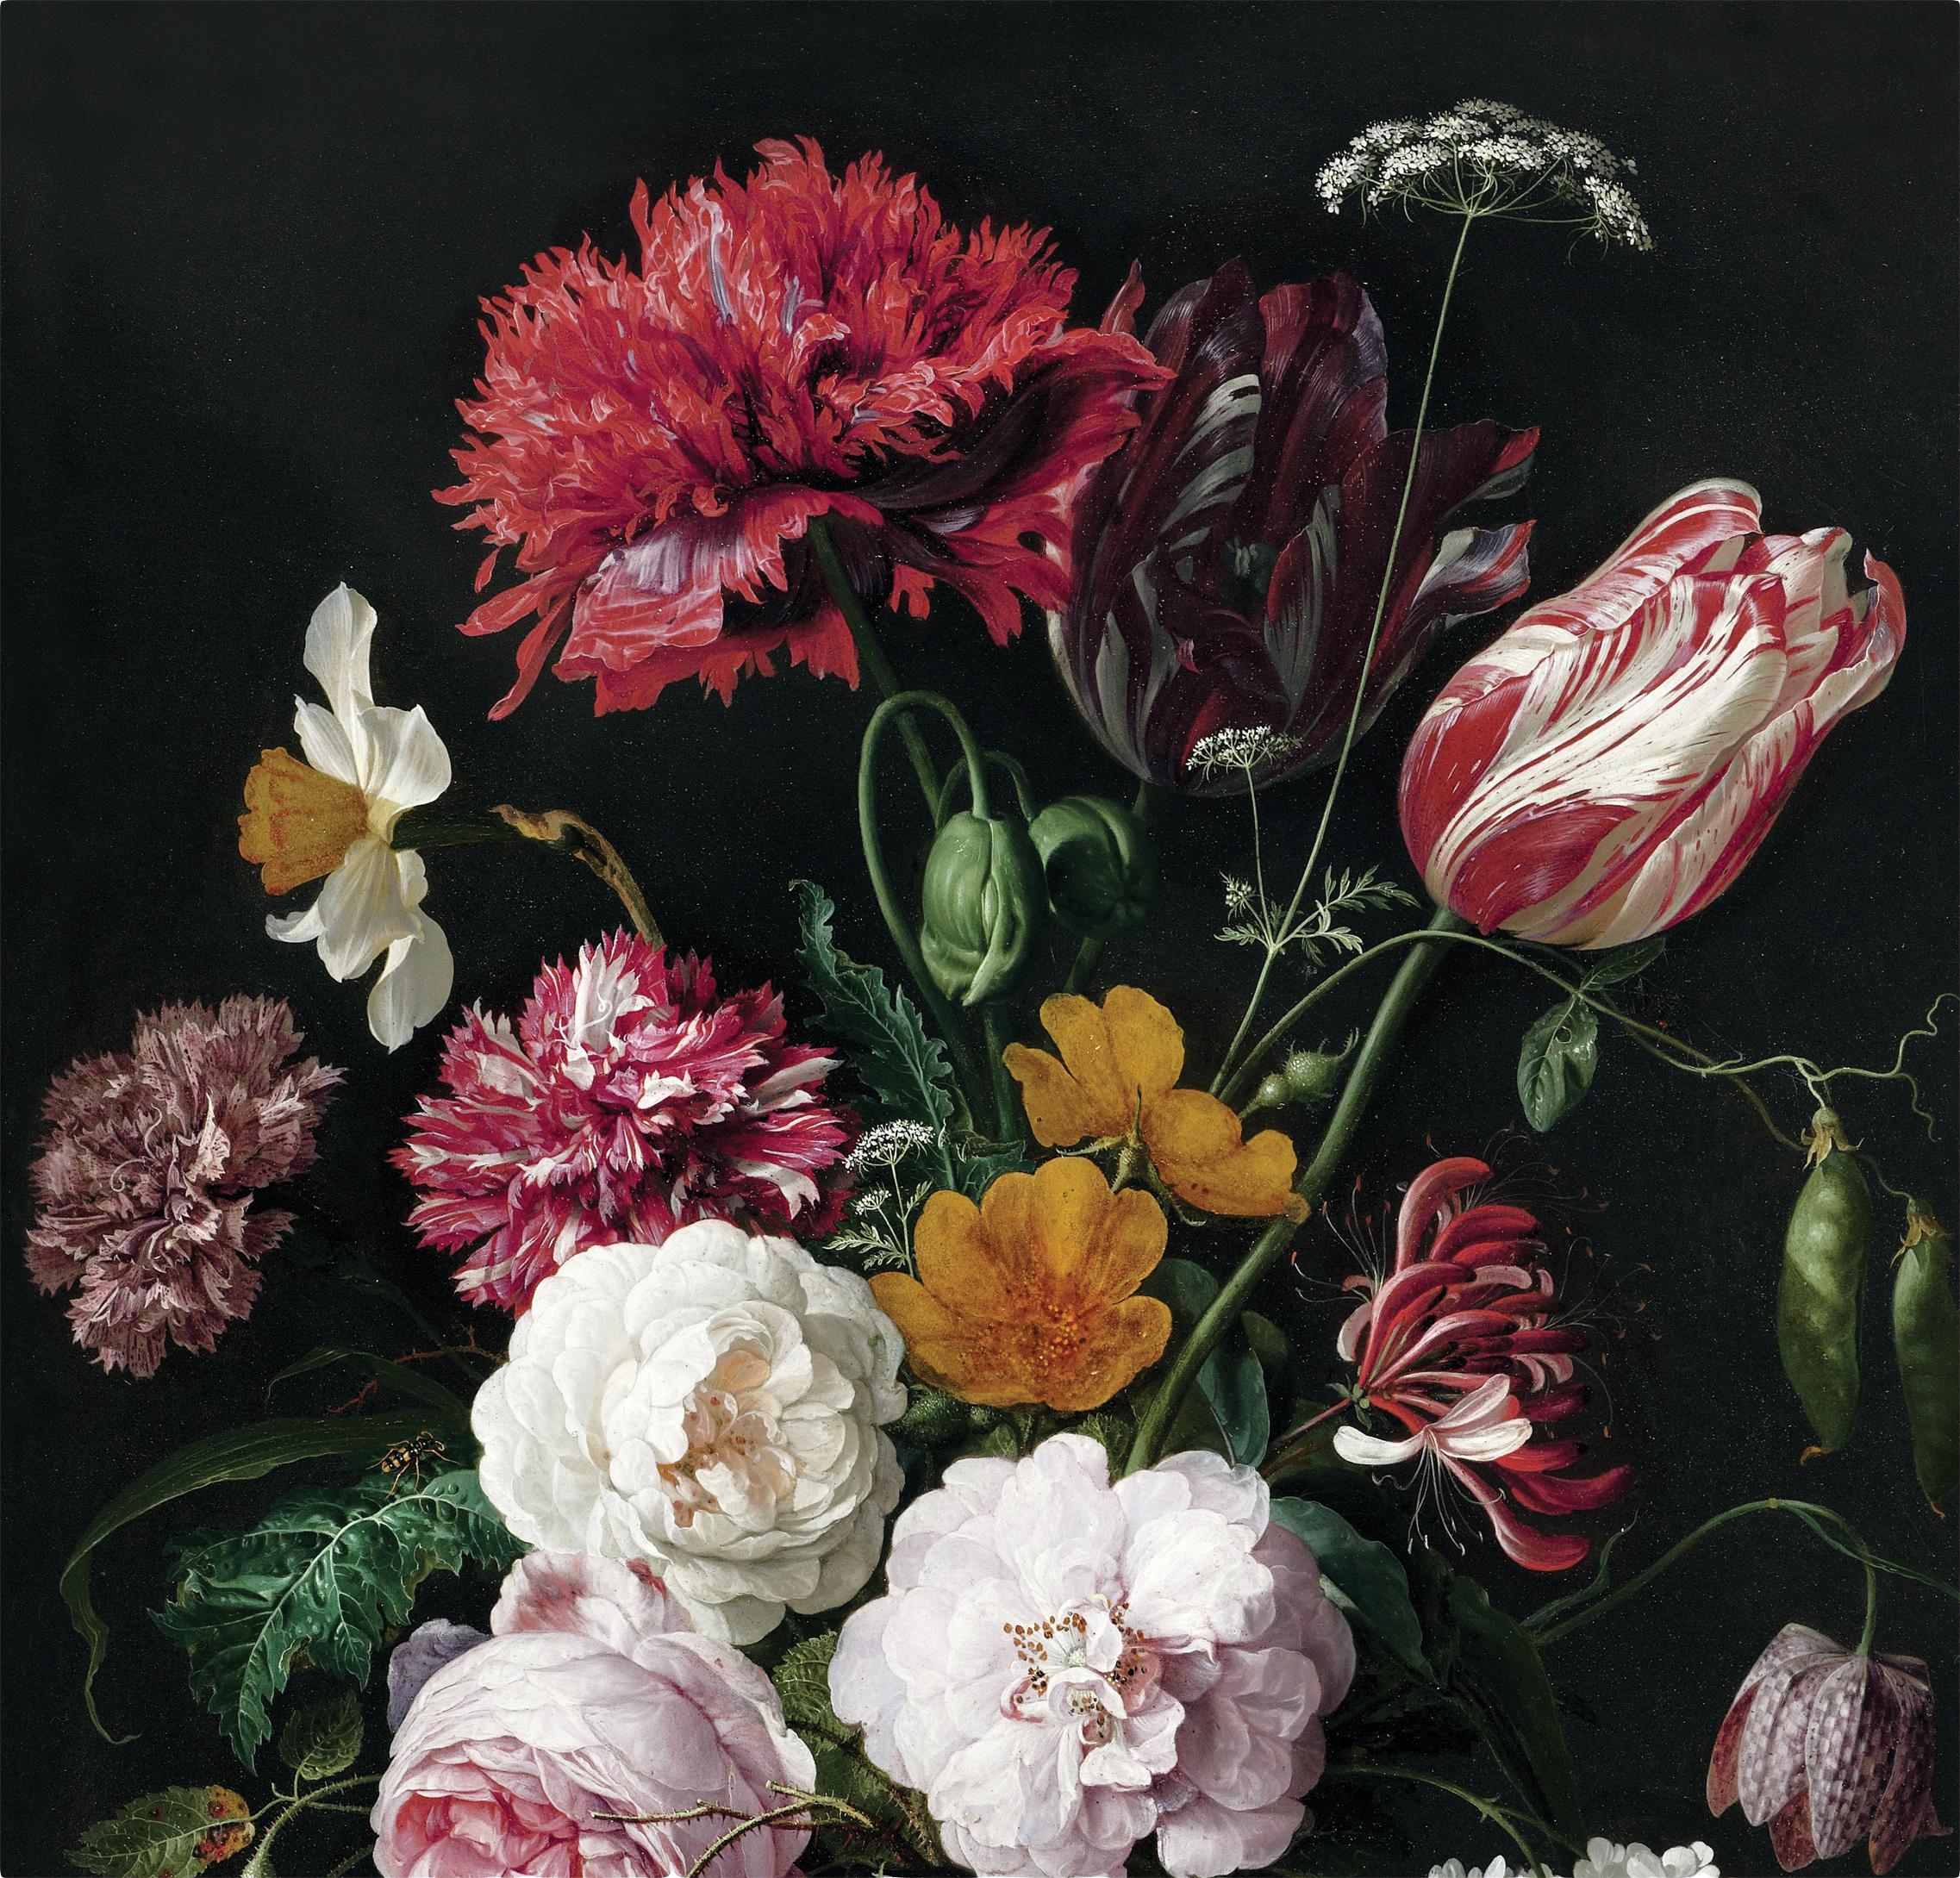 Fototapeta Golden Age Flowers, Włóknina, przyjazna dla środowiska i biodegradowalna, Wielobarwny, matowy, S 292 x W 280 cm